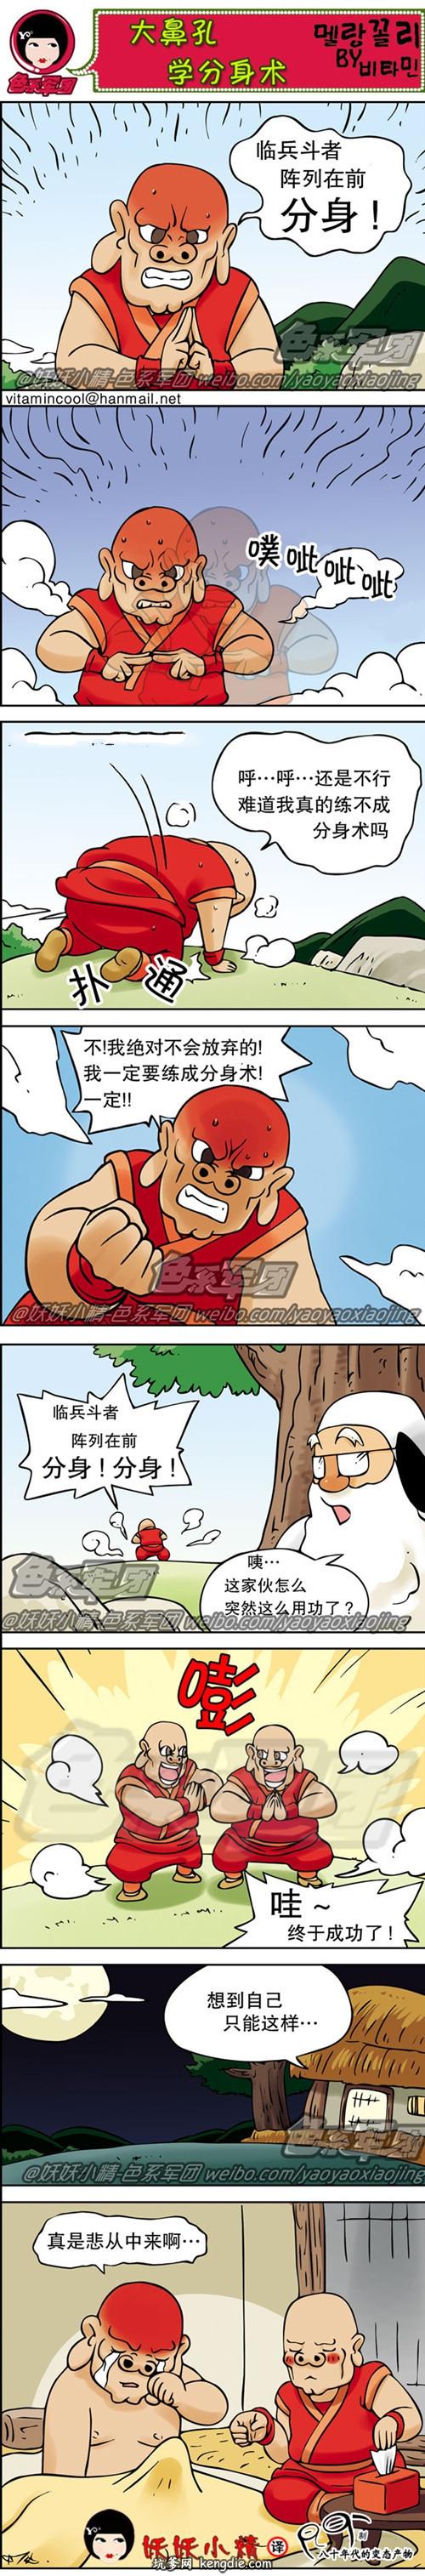 邪恶漫画全集21禁